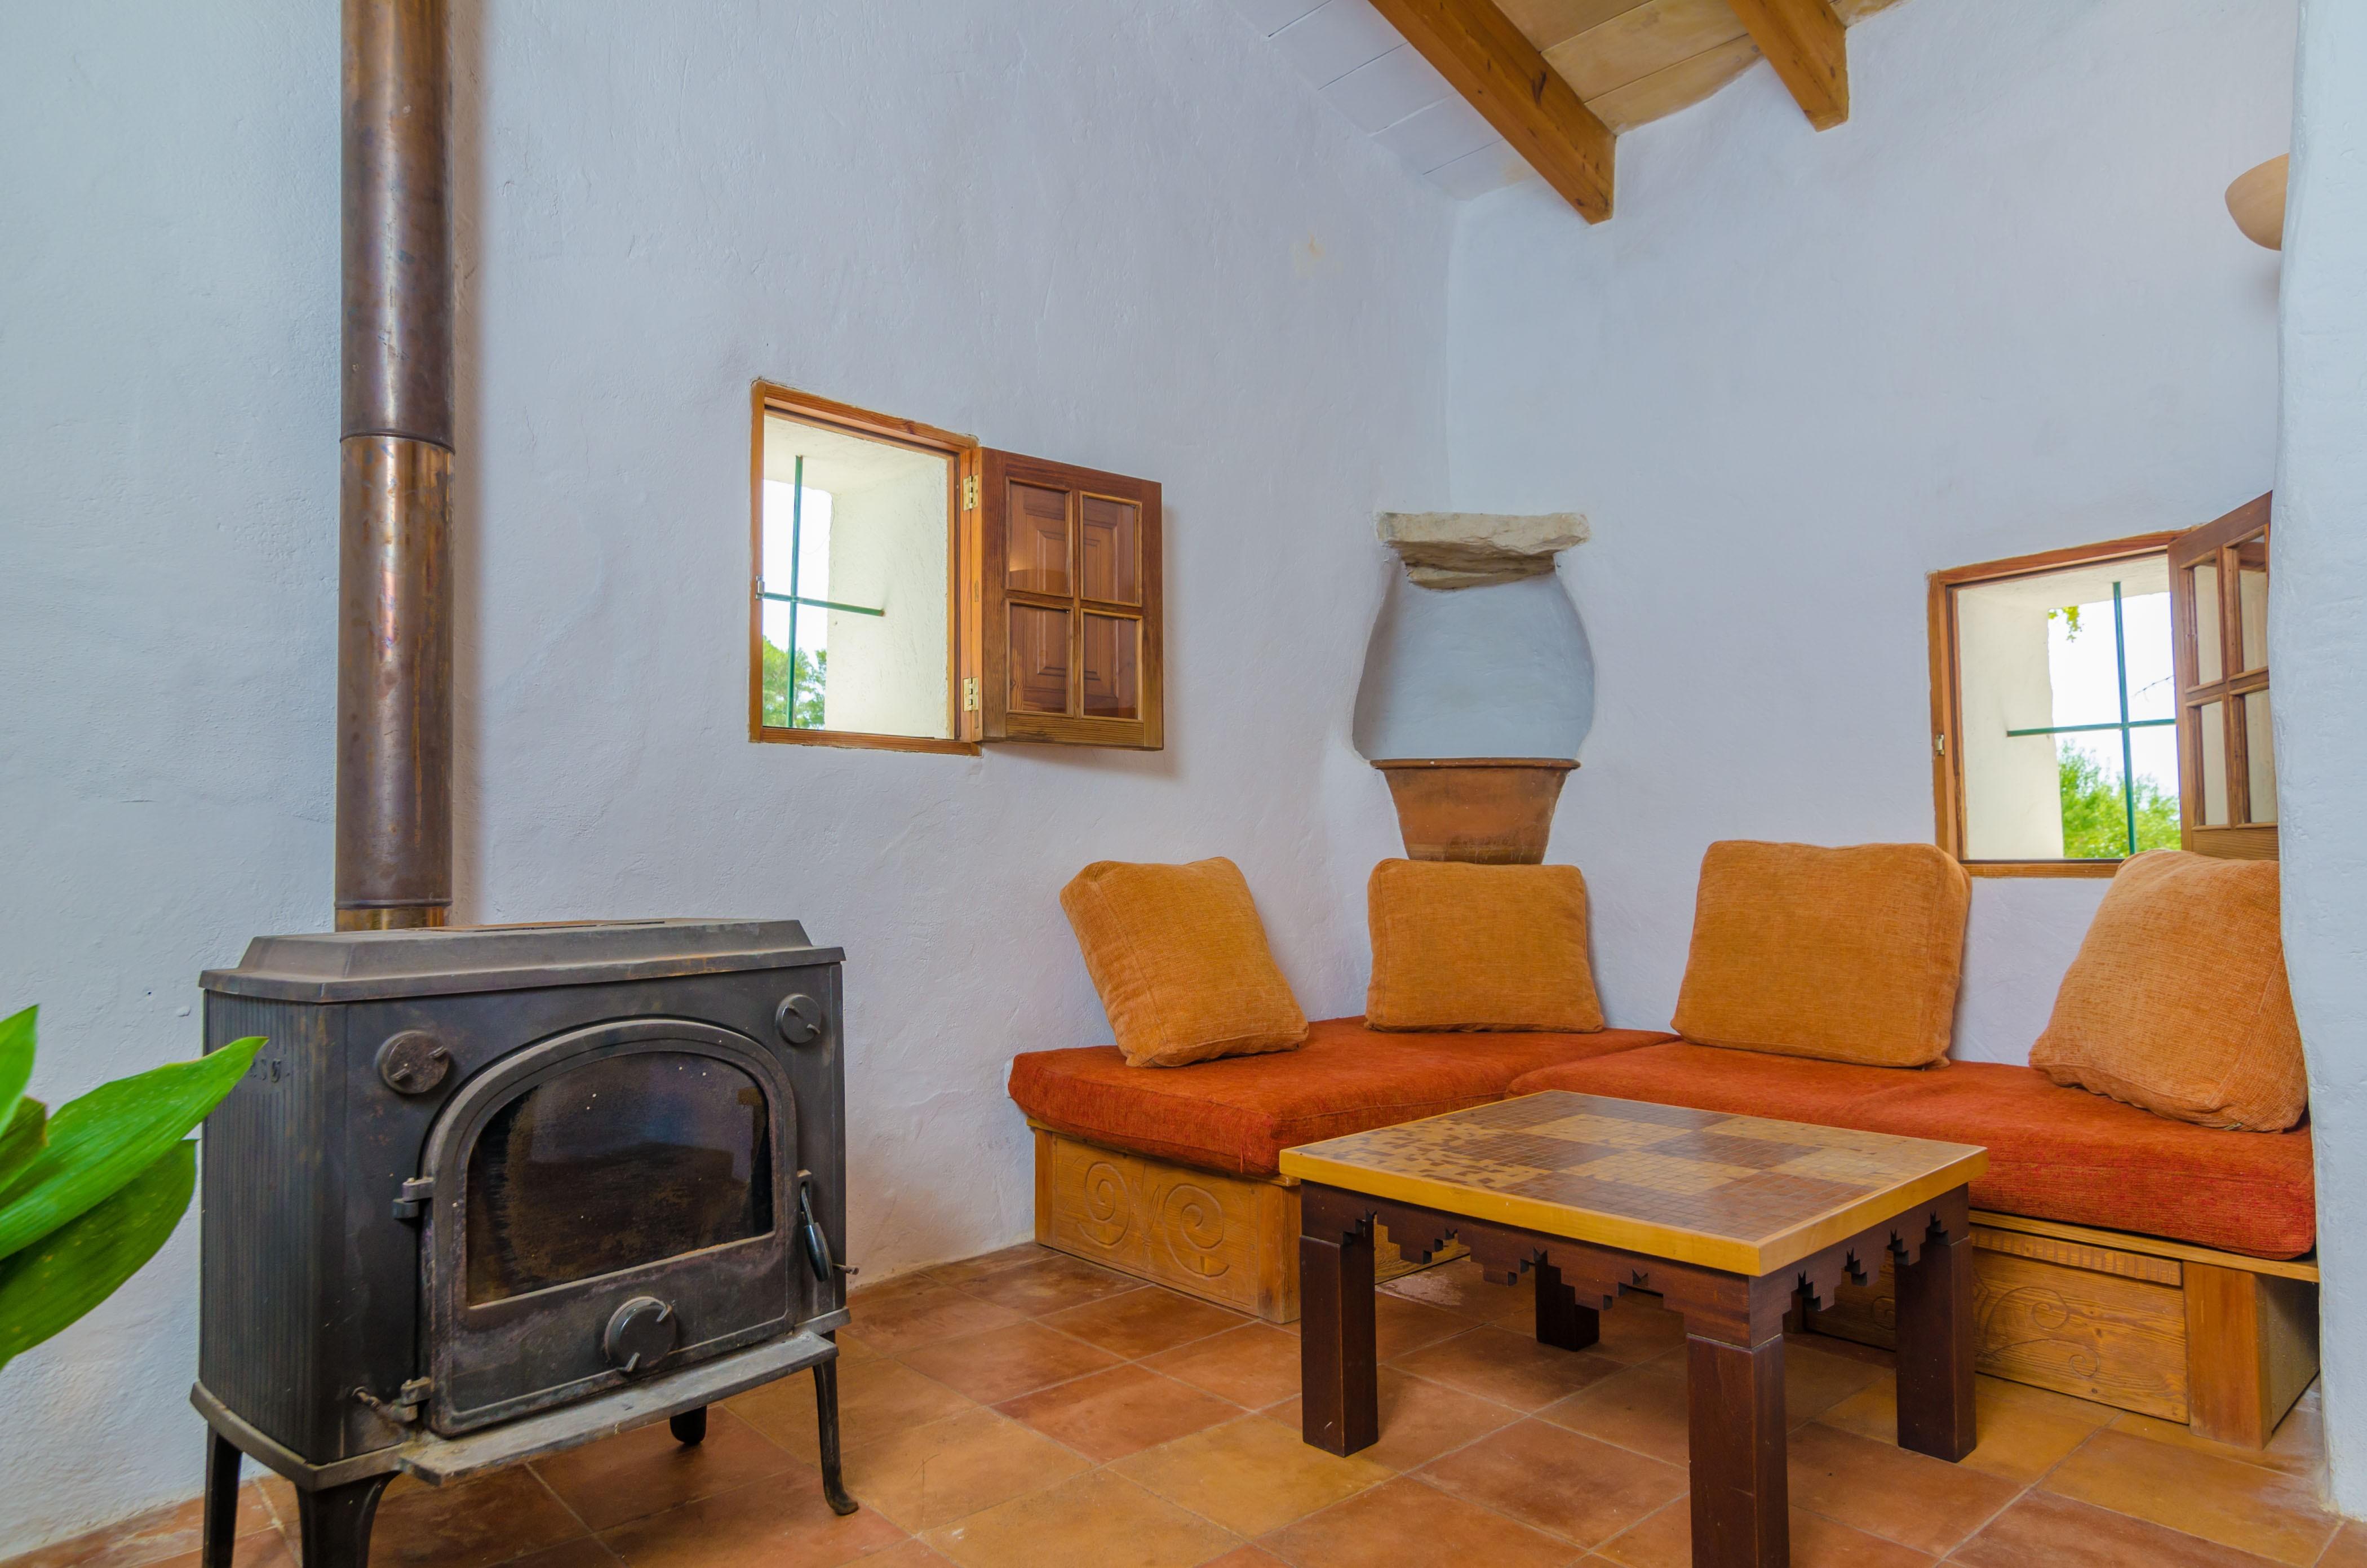 Ferienhaus CAS PORRERENC (2241637), Montuïri, Mallorca, Balearische Inseln, Spanien, Bild 11